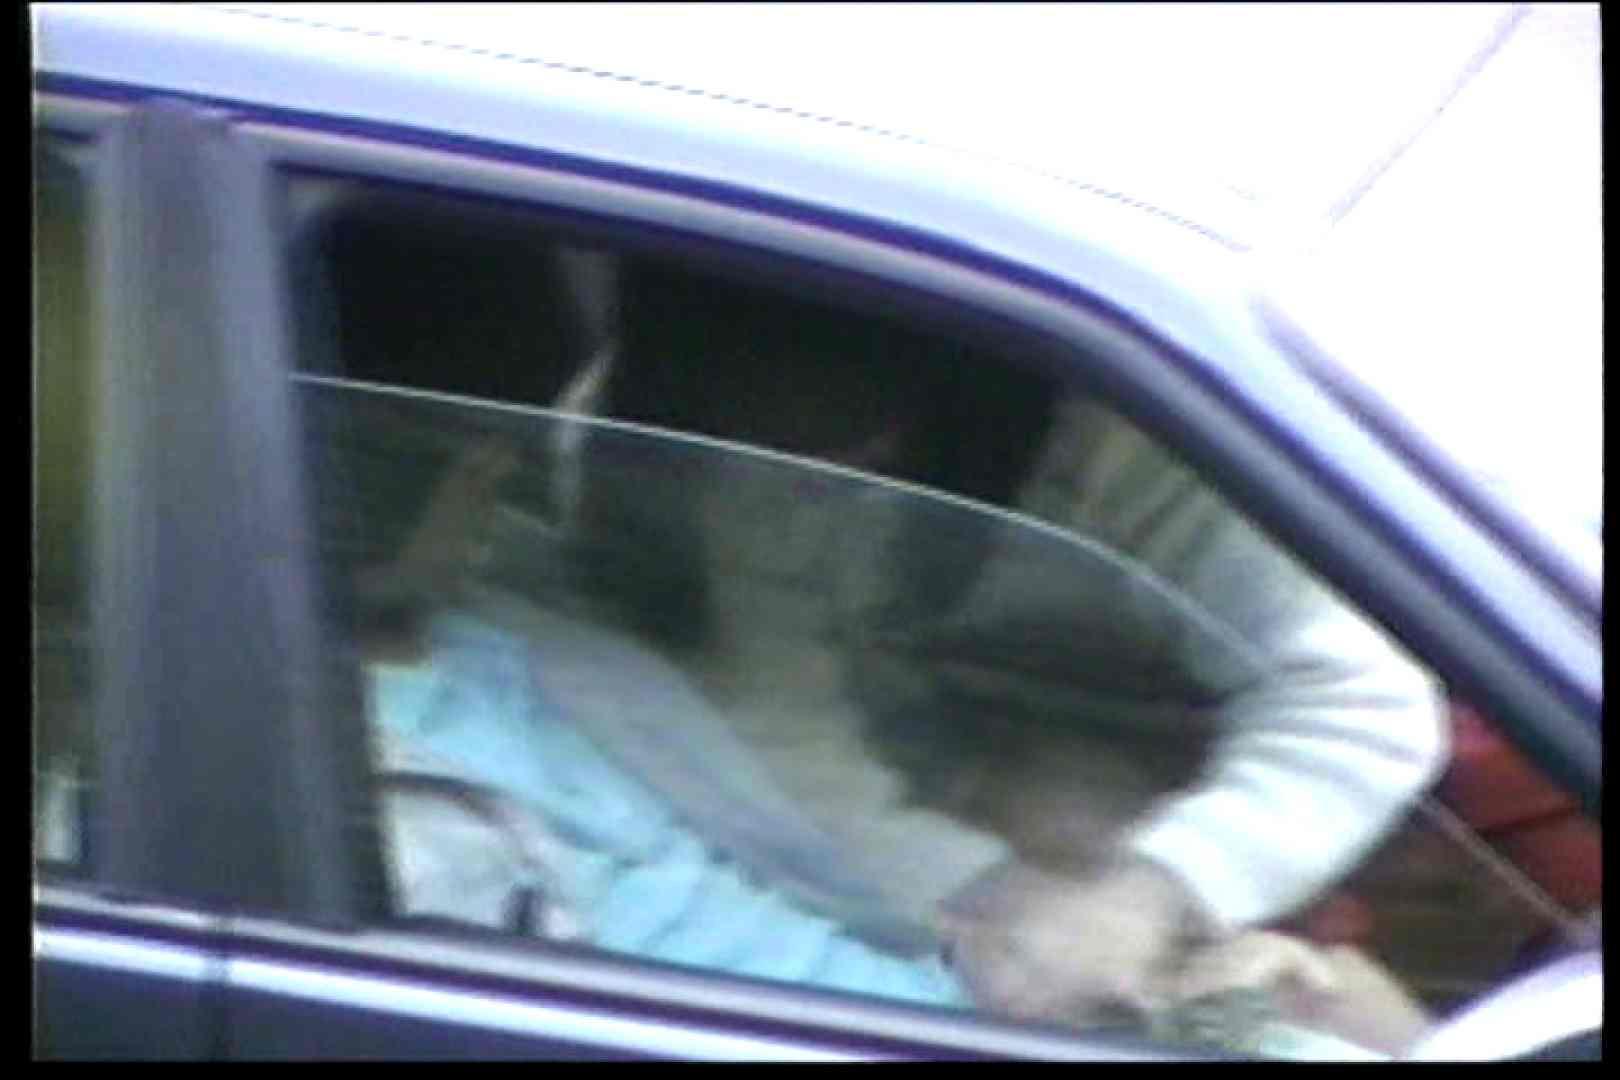 車の中はラブホテル 無修正版  Vol.12 美しいOLの裸体 盗み撮り動画キャプチャ 87pic 34